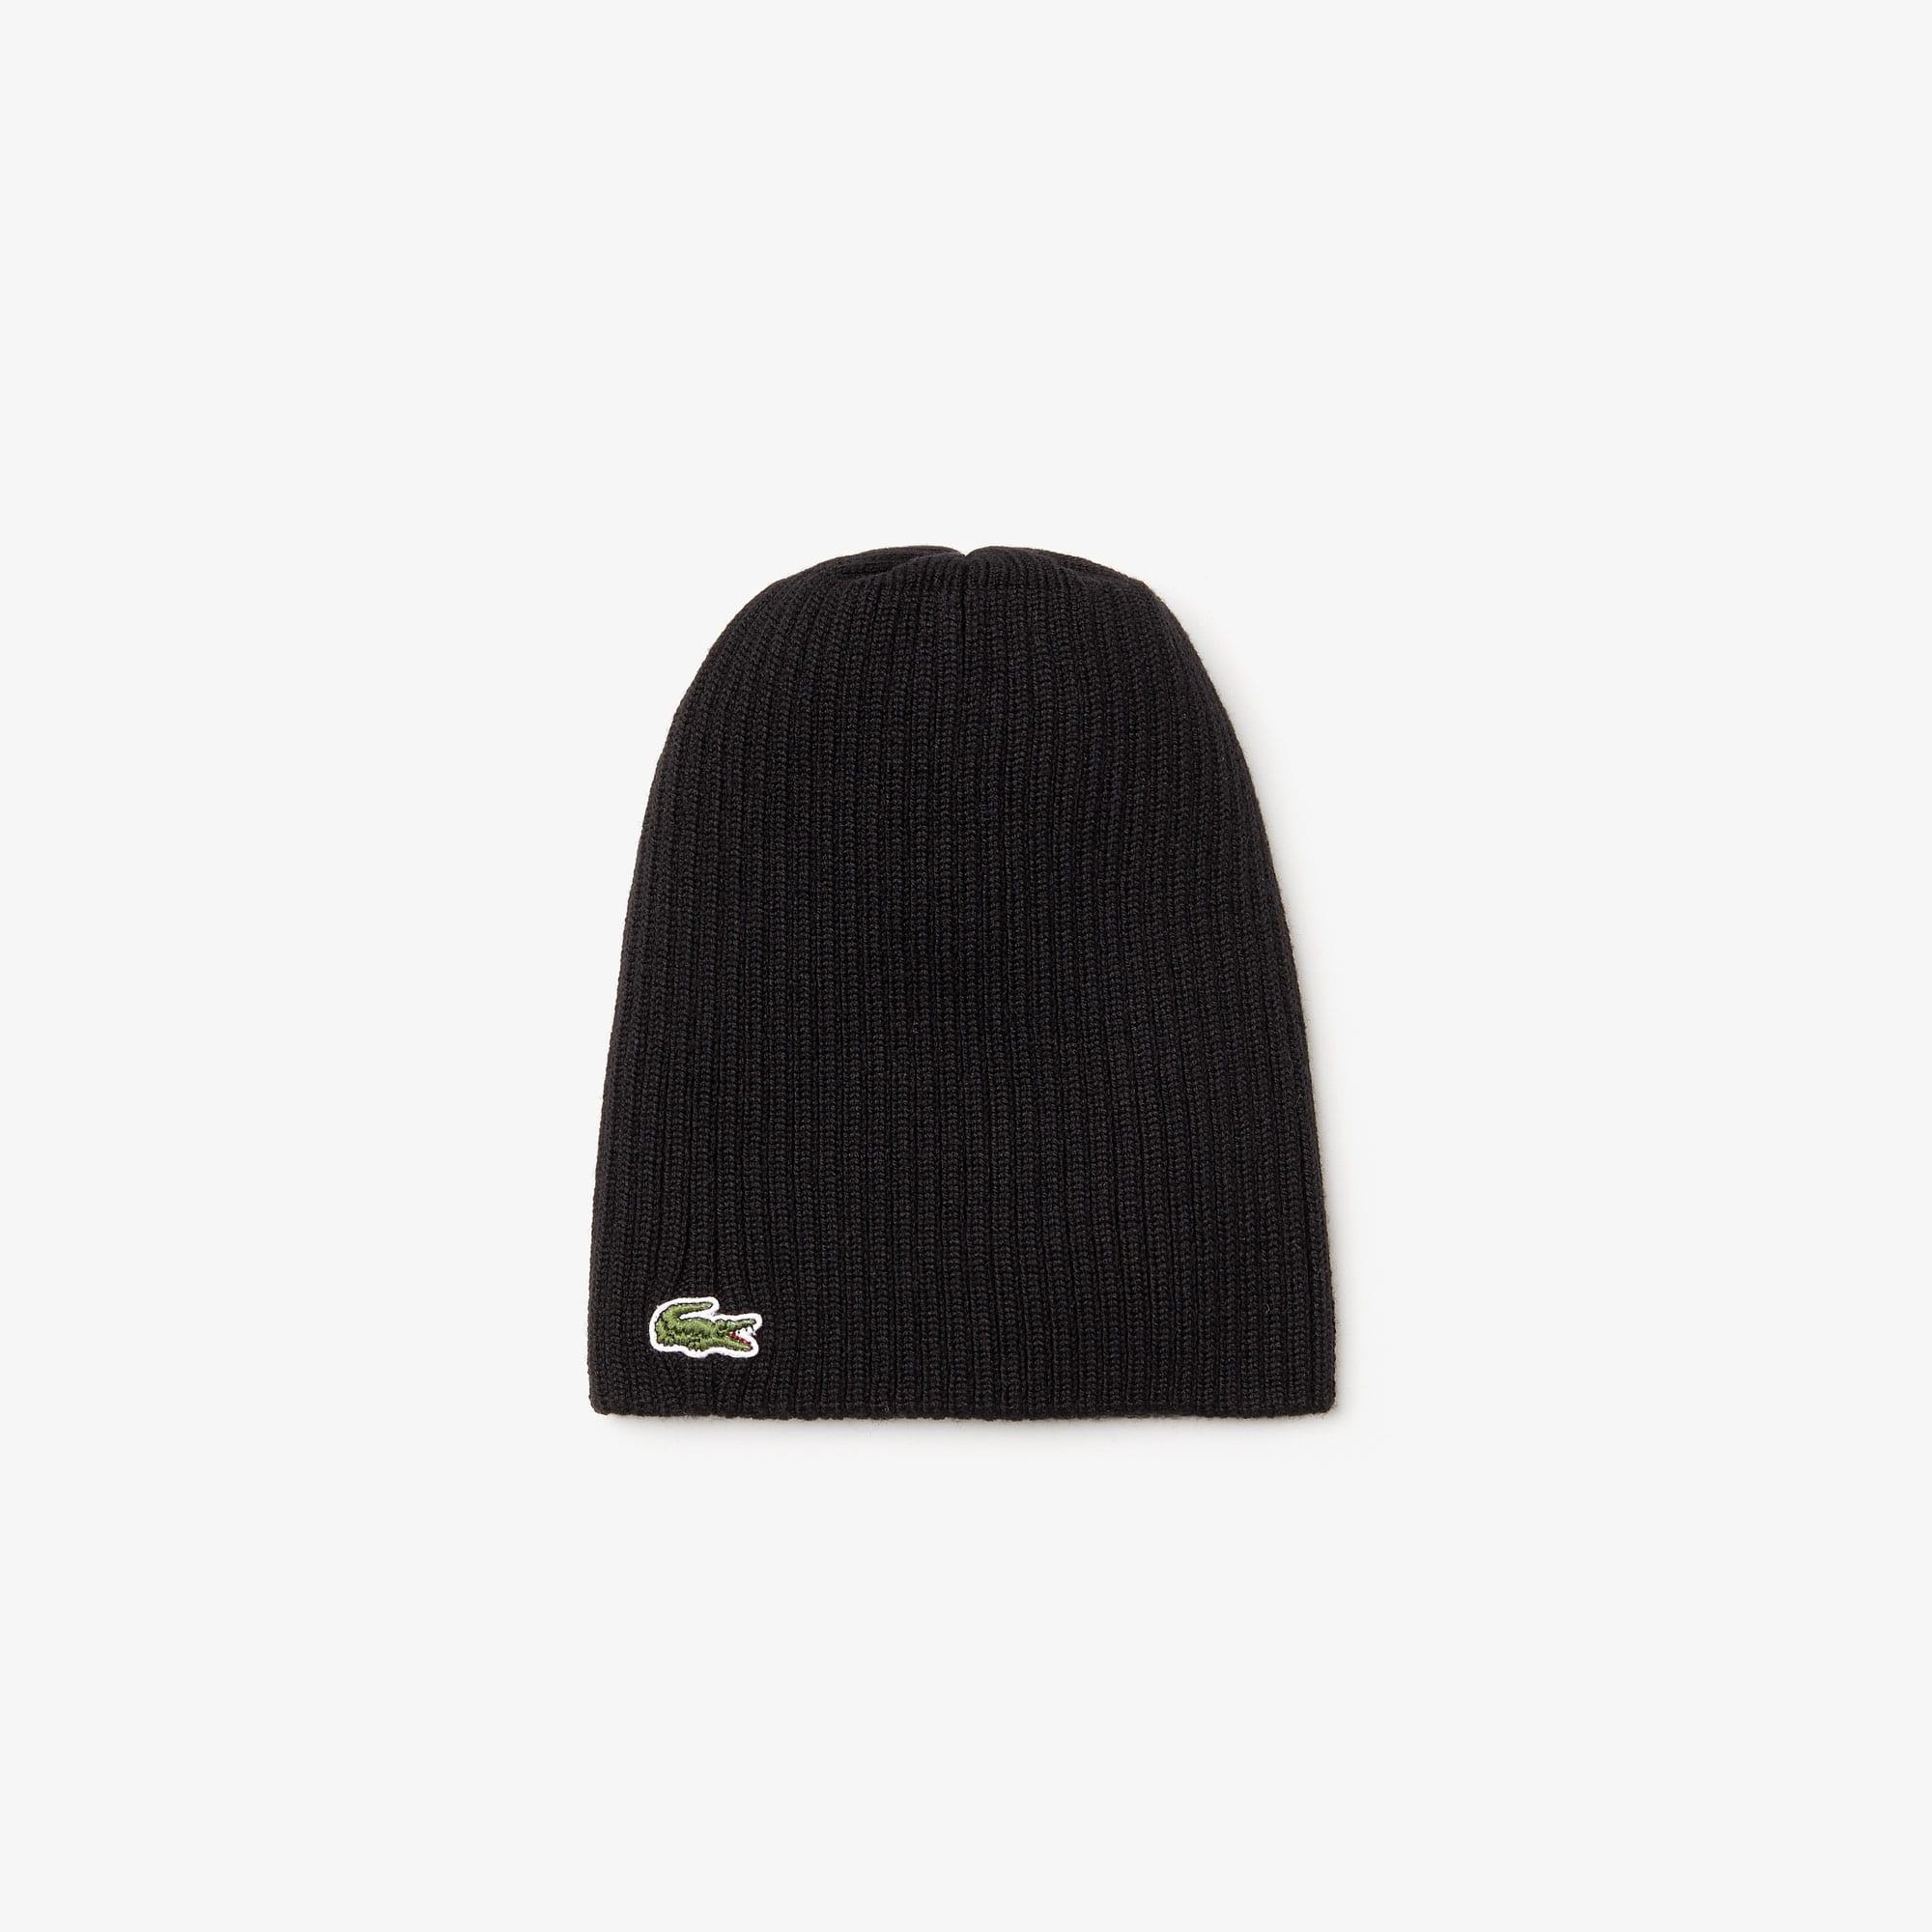 قبعة صغيرة من الصوف المُضلَّع للرجال